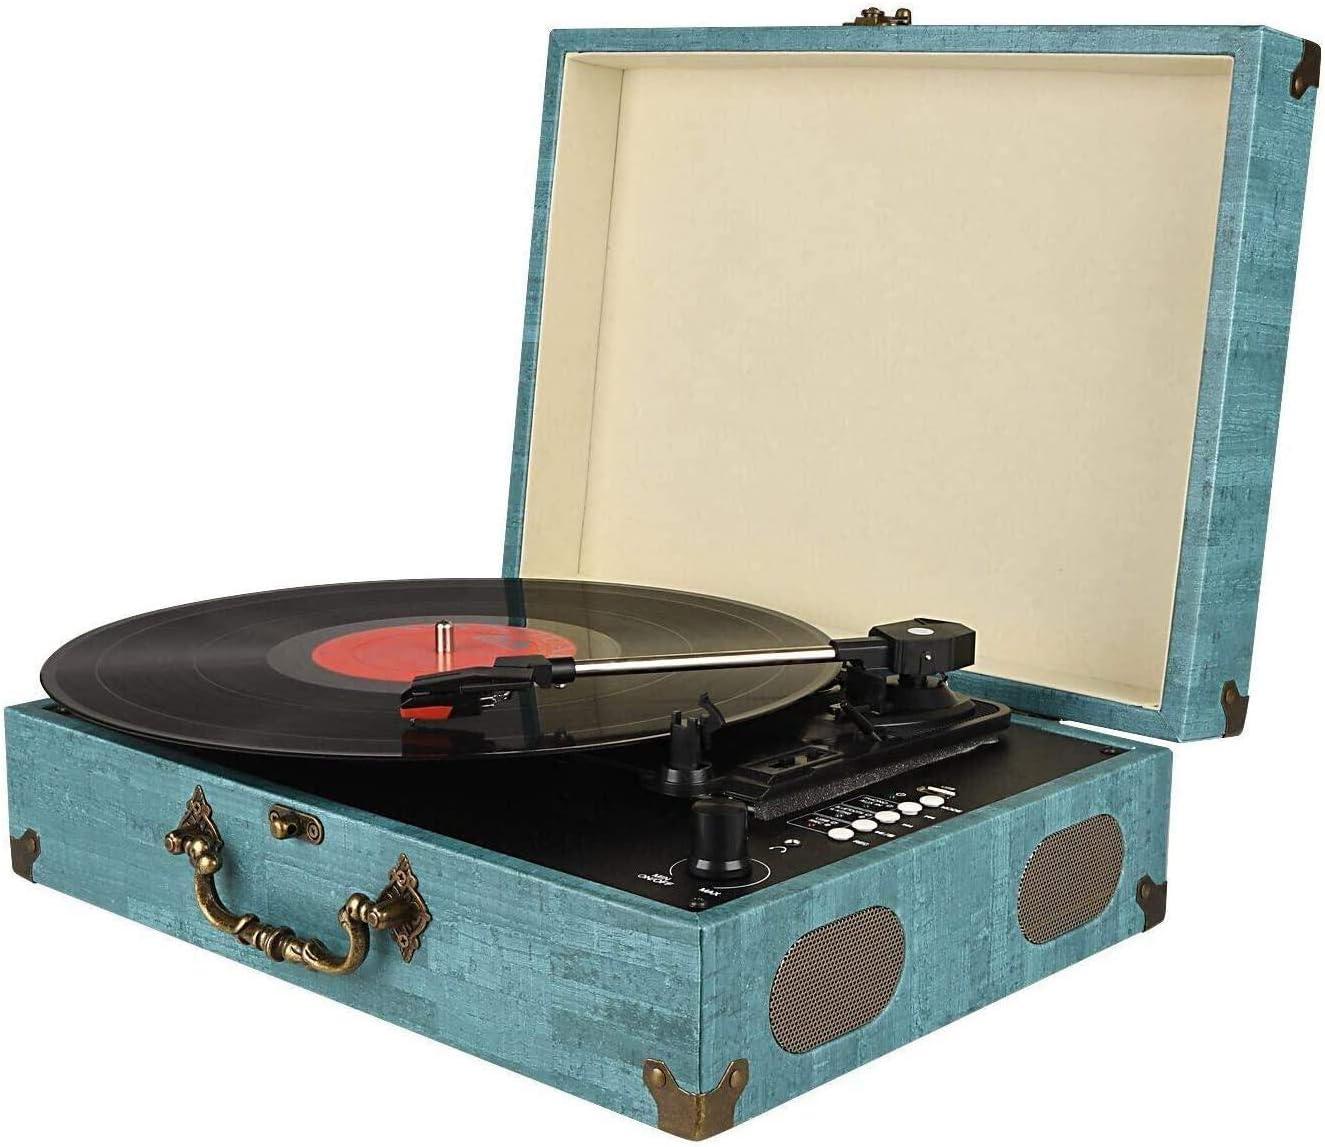 Cinchausg/ängen Aux-Eingang Vinyl zu MP3 Aufnahmefunktion wiederaufladbarem Akku Kopfh/örerausgang JORLAI 3-Geschwindigkeiten Plattenspieler mit Bluetooth Schnittstelle eingebauten Lautsprechern